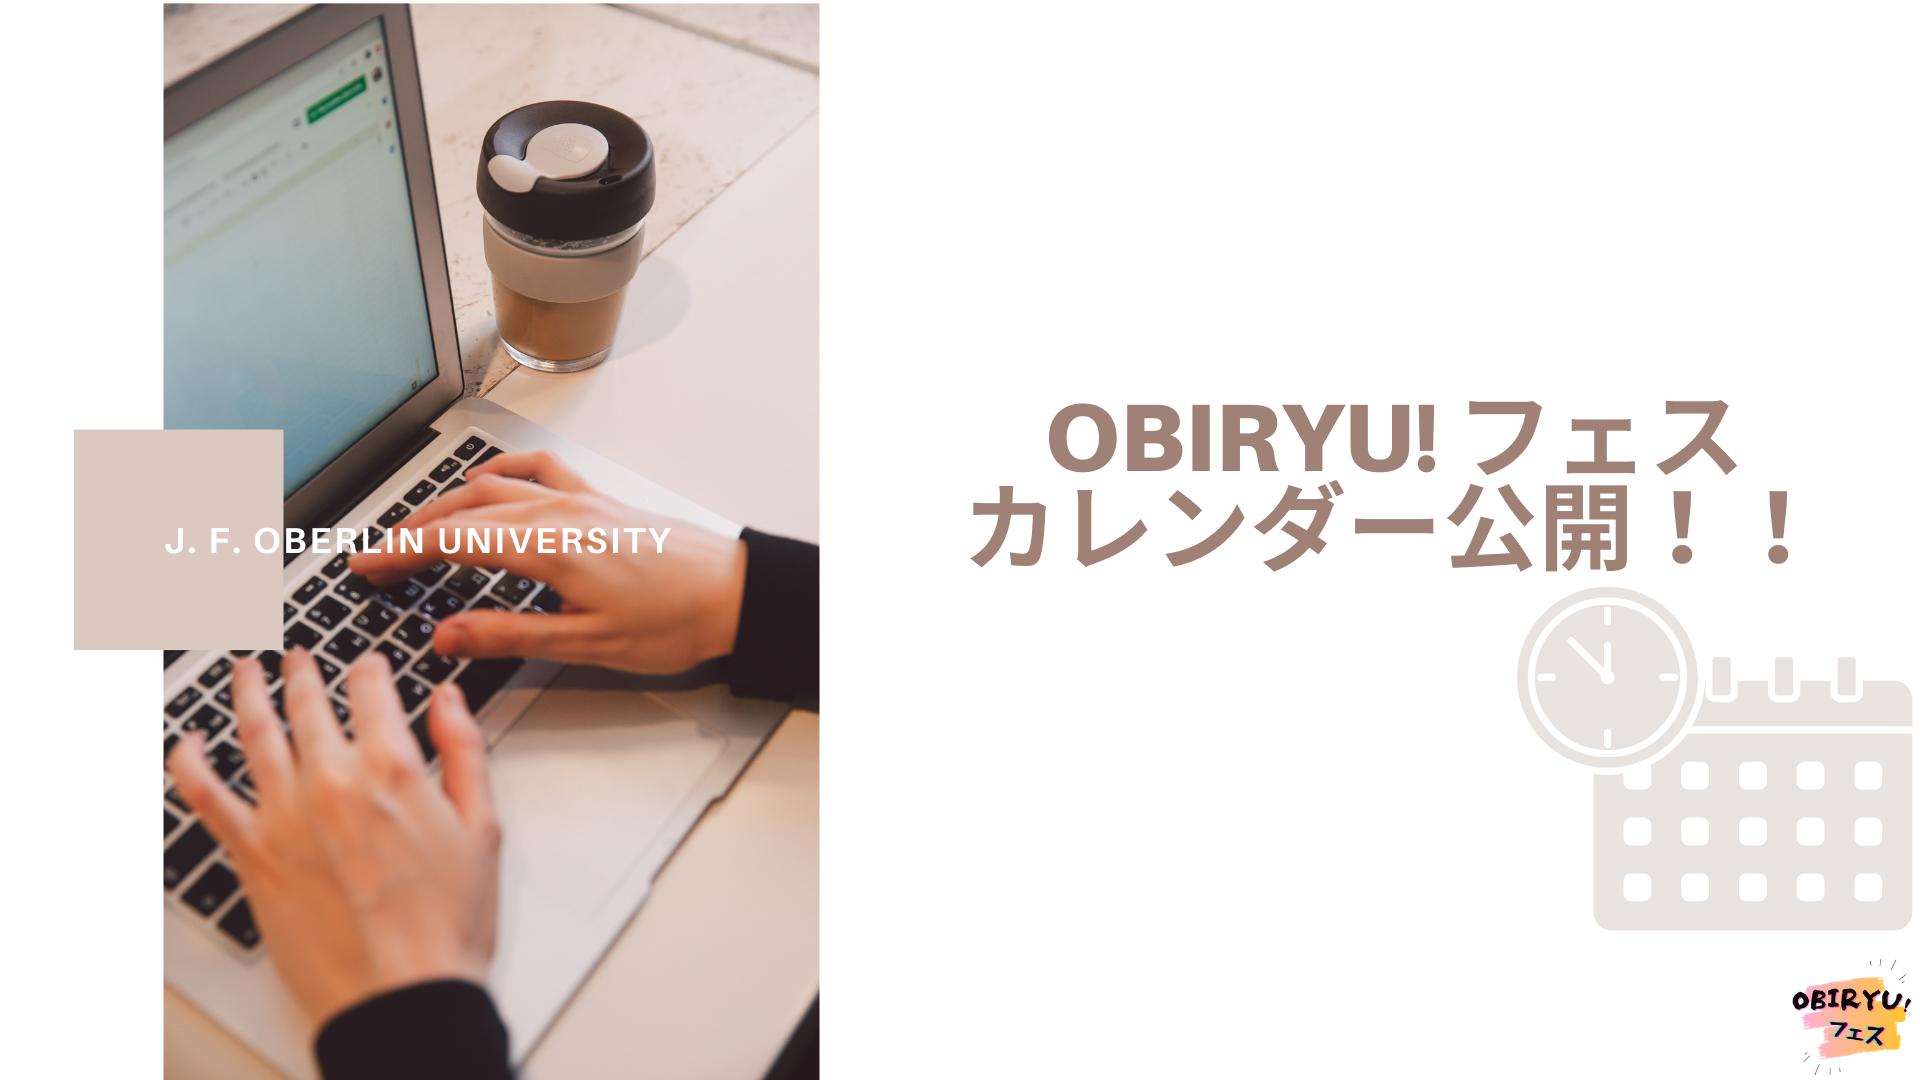 【まずはここから】必見!「OBIRYU!フェス カレンダー」で国際交流イベントをチェックしよう